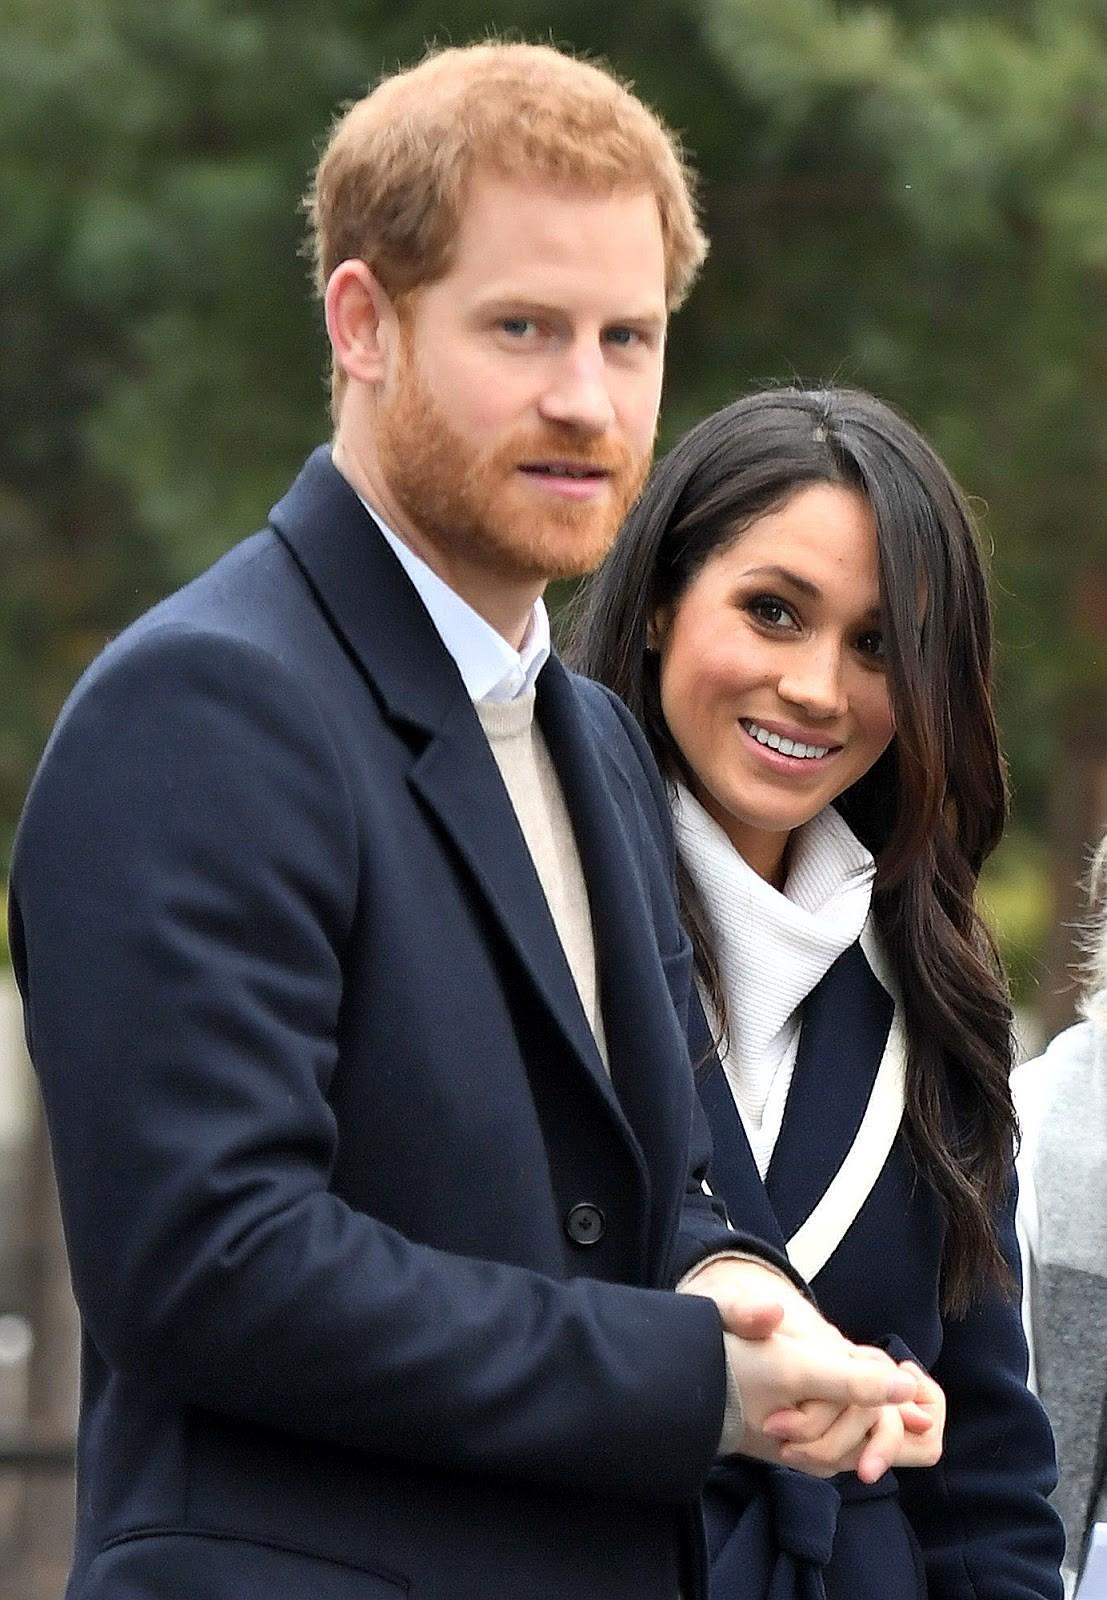 Tất tần tật những thông tin chi tiết có thể bạn chưa biết về đám cưới thế kỷ của Hoàng tử Harry và vị hôn thê Meghan Markle - Ảnh 8.